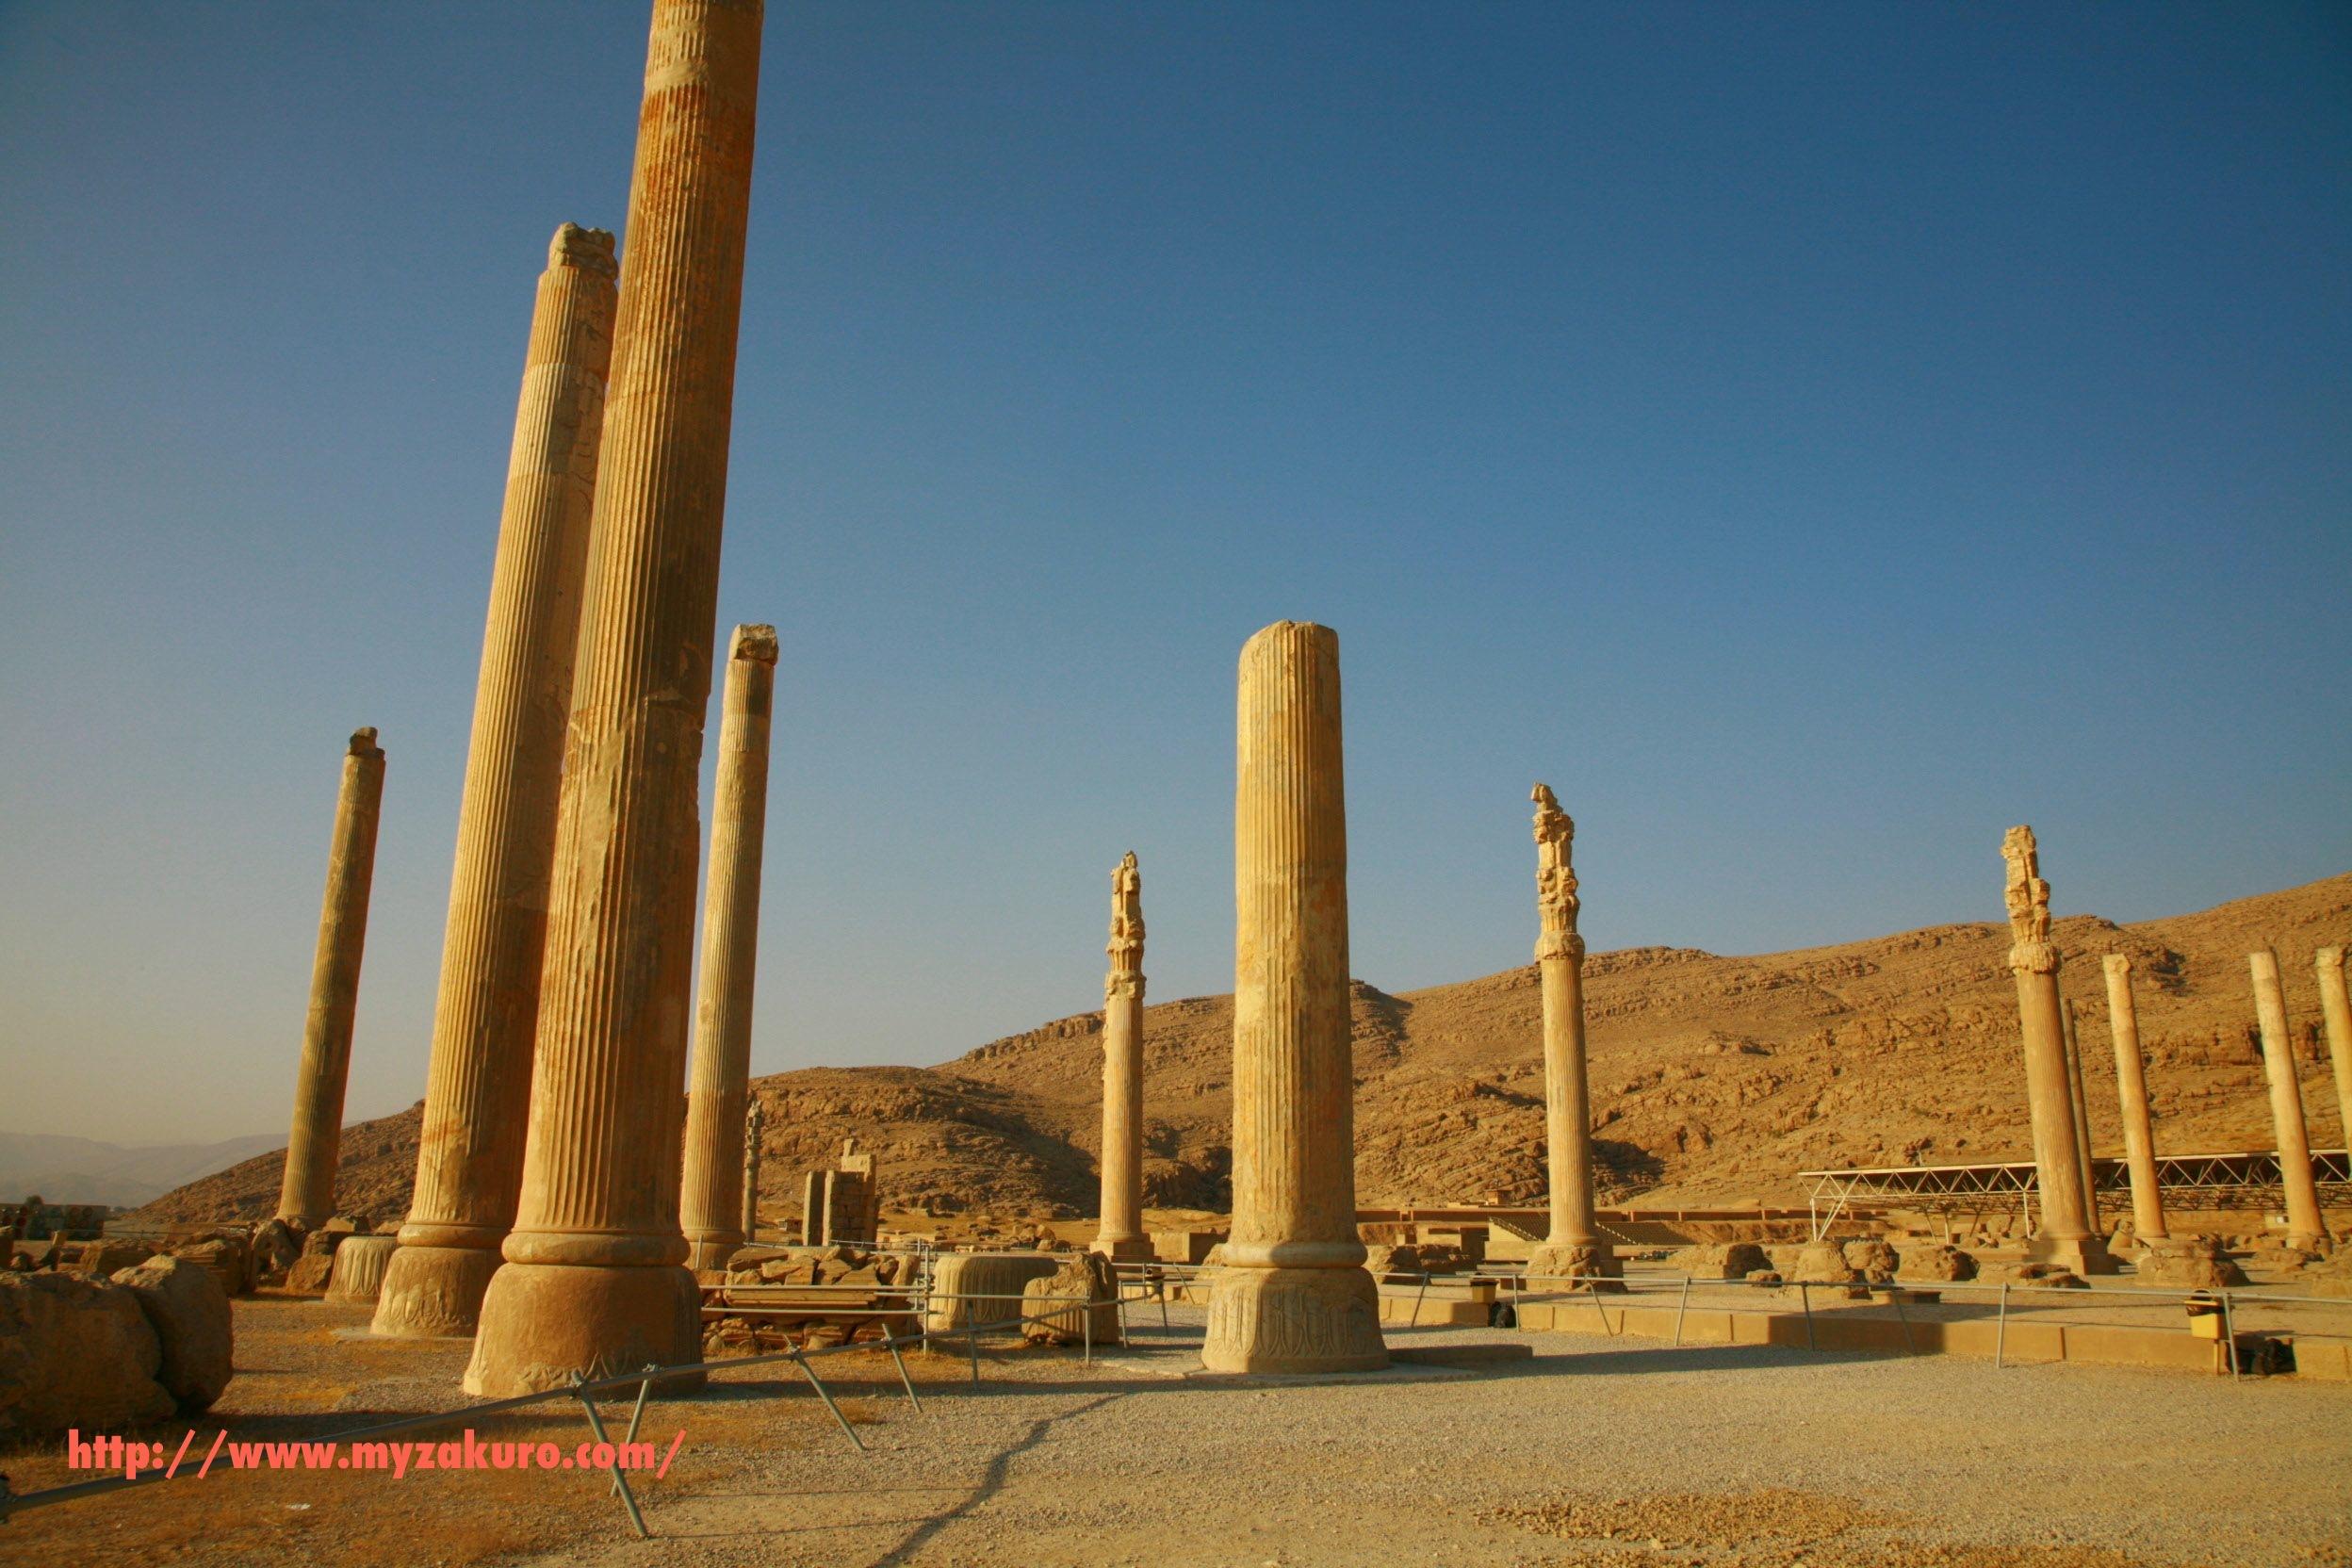 Iran - Persepolis029_ イランの世界遺産ペルセポリス遺跡へ行ってきた | 白